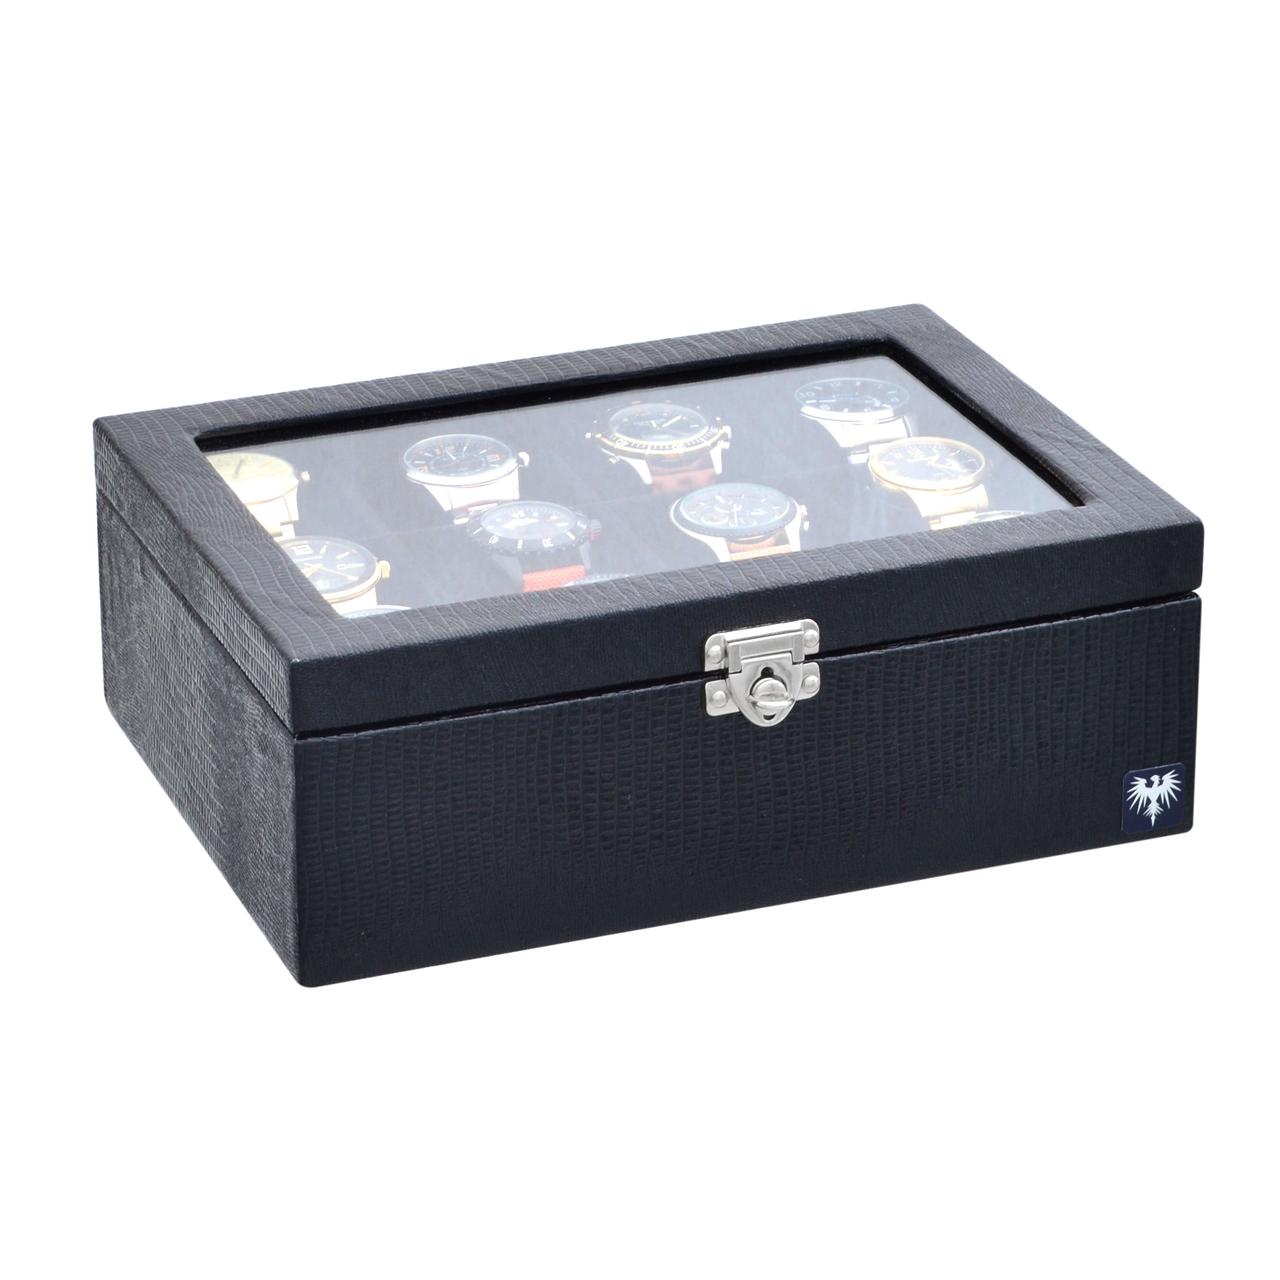 estojo-couro-ecologico-12-relogios-preto-preto-porta-3x4-imagem-10.jpg